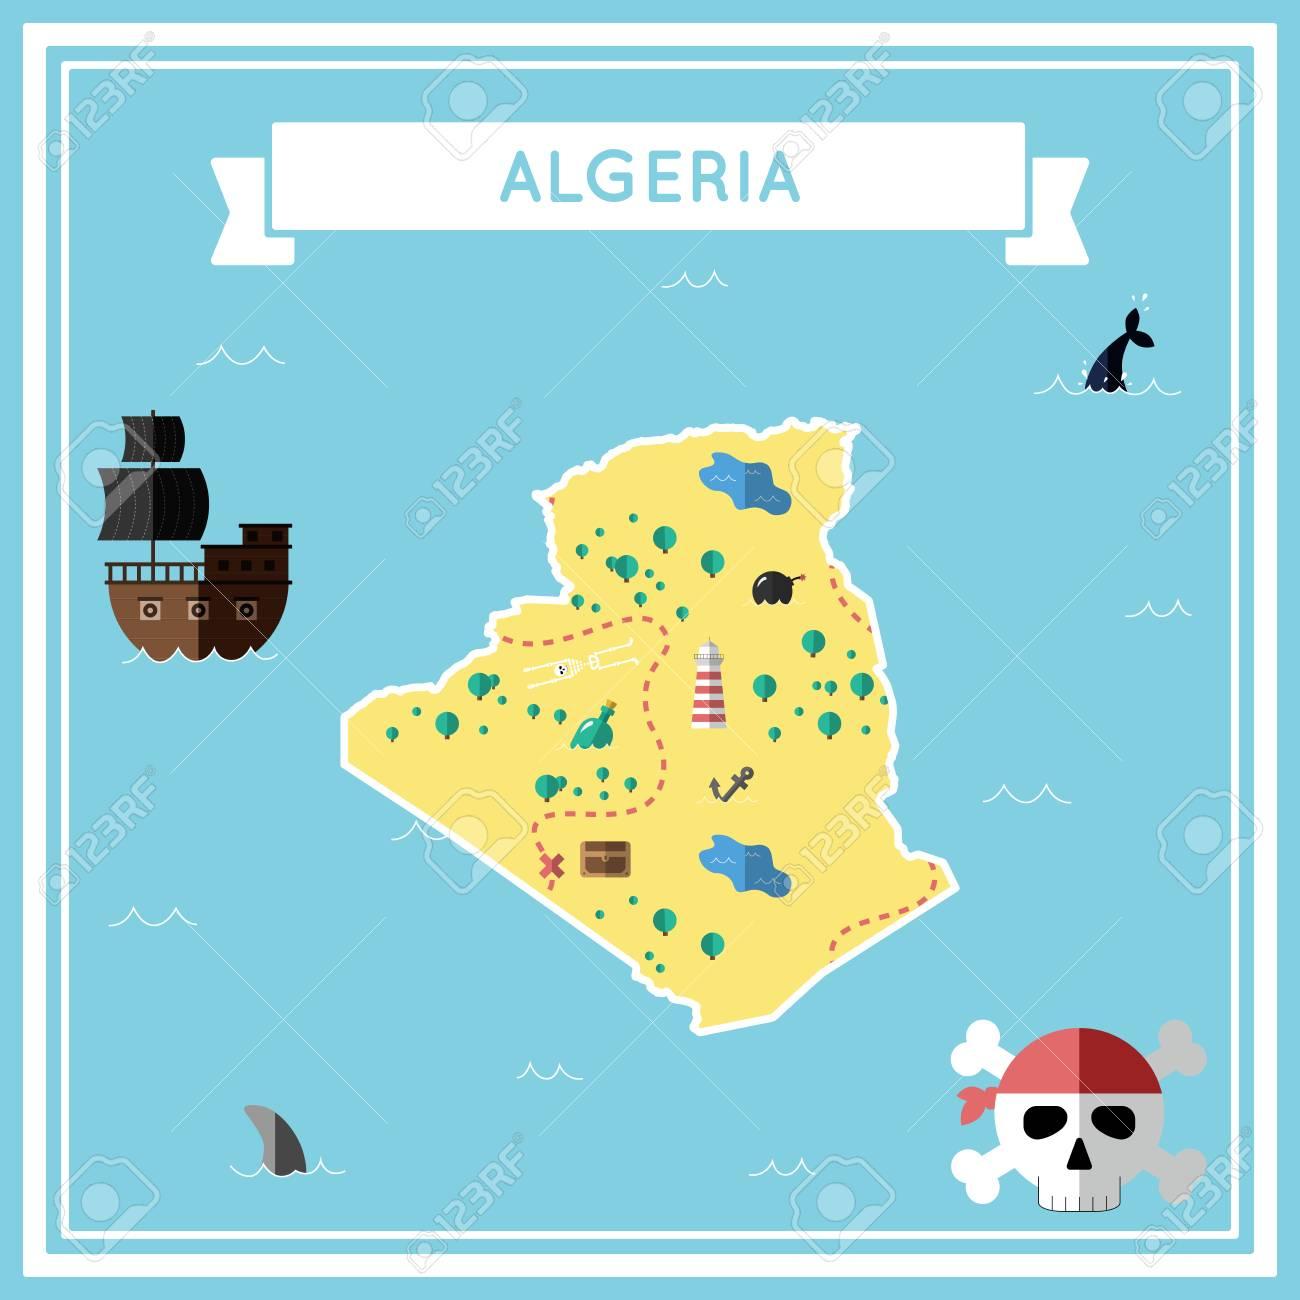 Carte Au Tresor Plate De L Algerie Dessin Anime Colore Avec Des